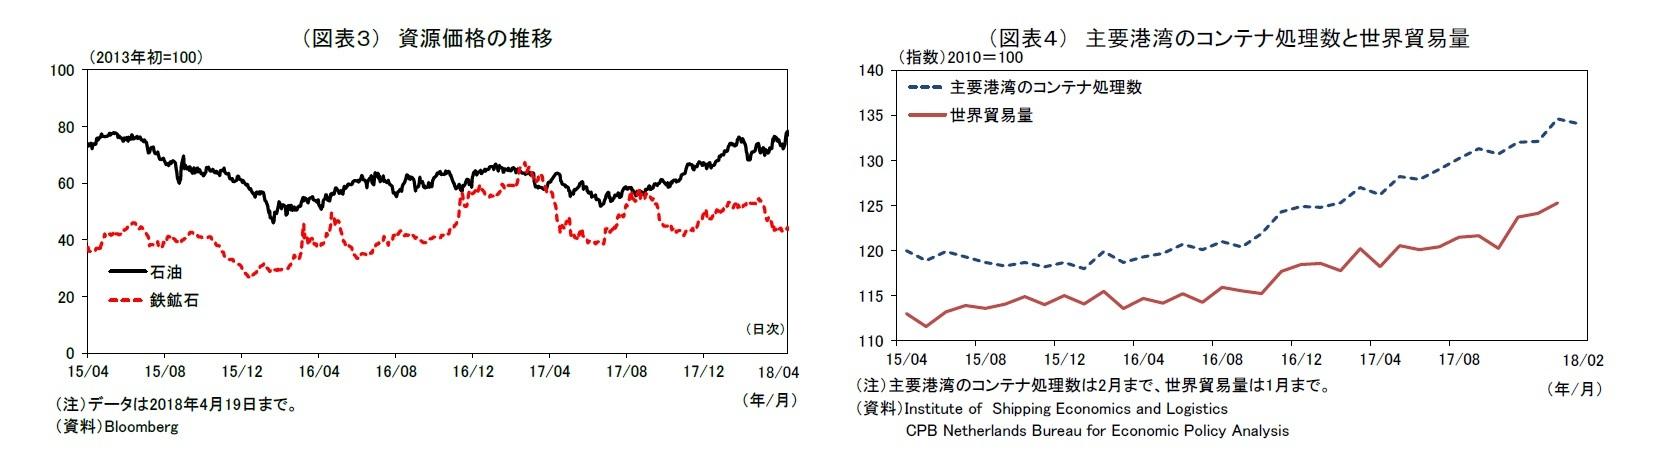 (図表3) 資源価格の推移/(図表4) 主要港湾のコンテナ処理数と世界貿易量